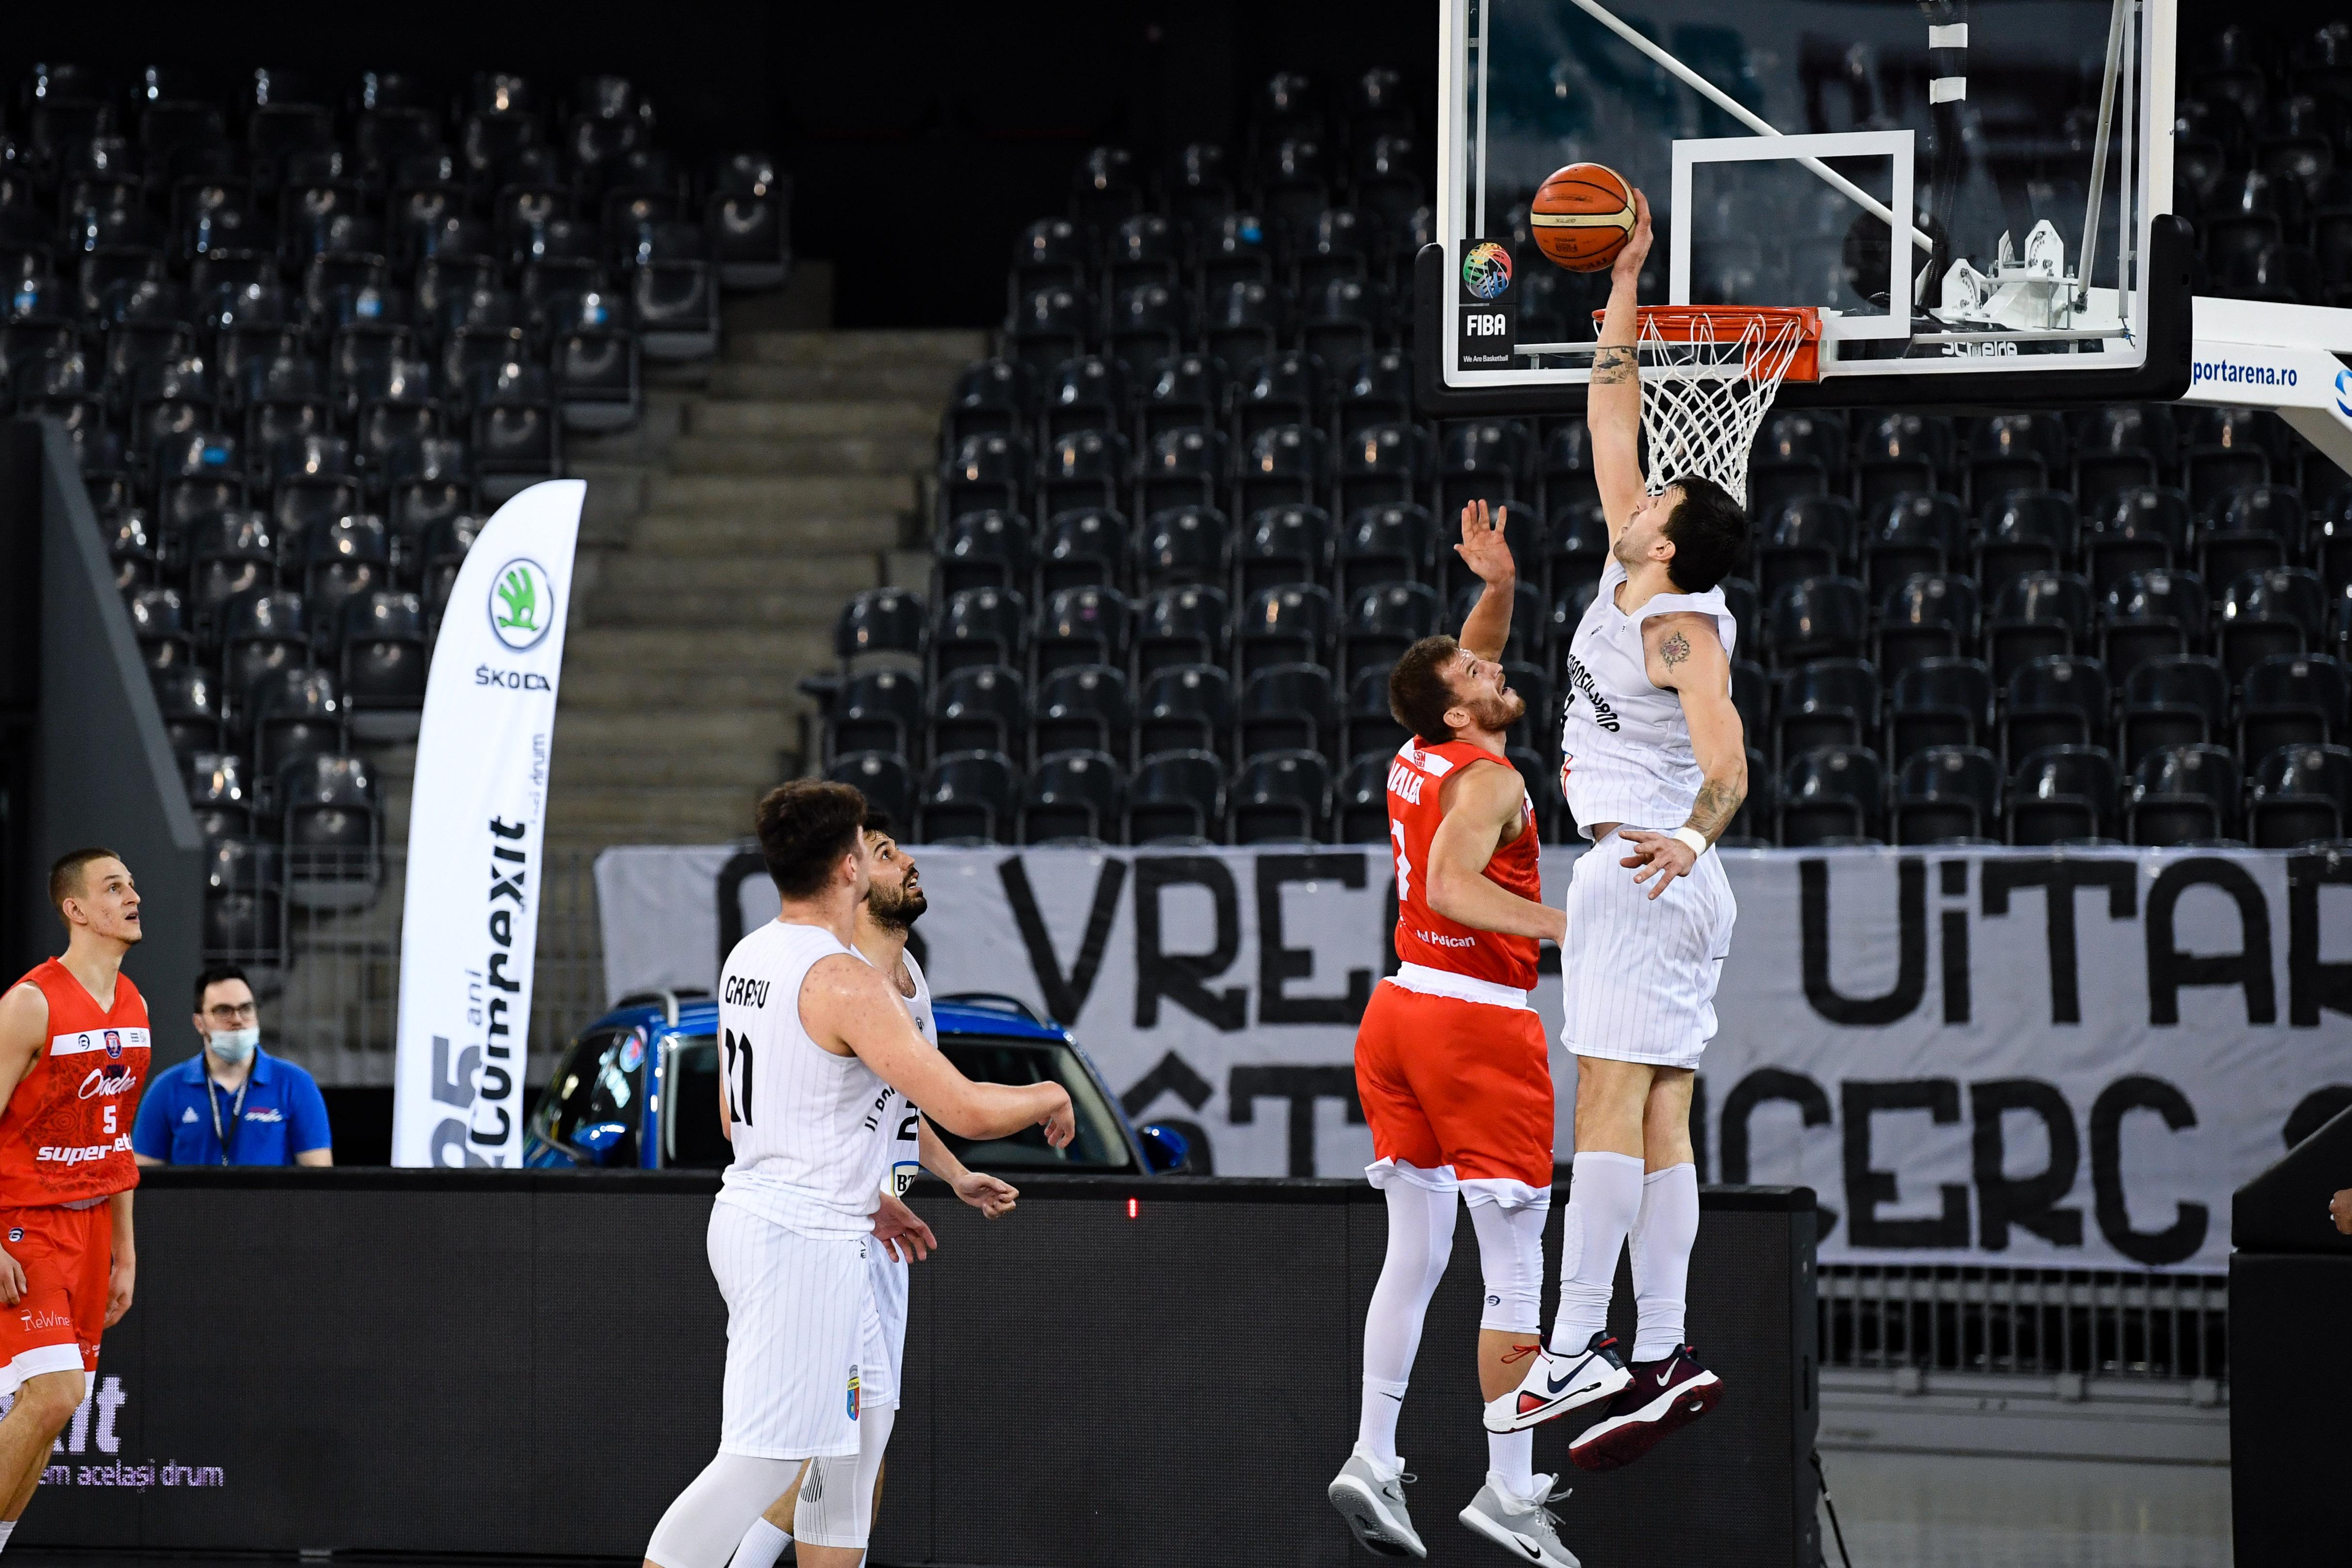 U BT Cluj marchează 103 puncte şi conduce cu 2-0 în finala Ligii Naţionale de baschet masculin